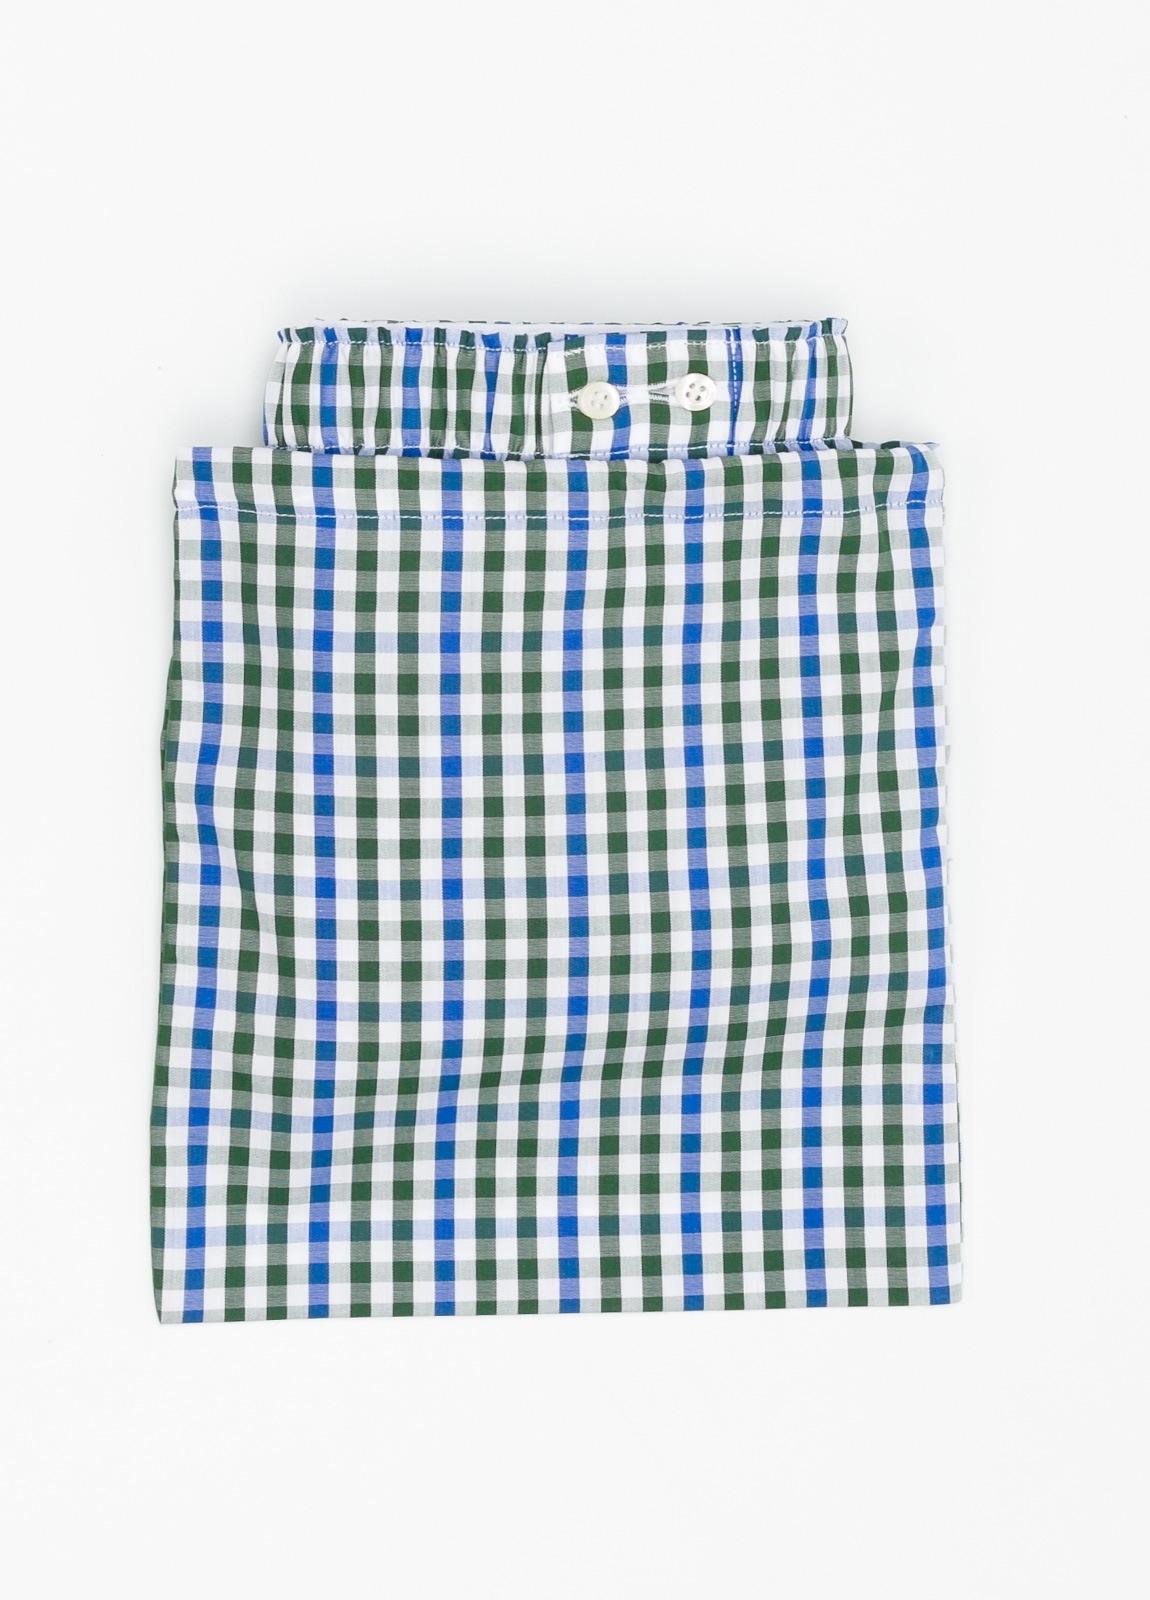 Boxer estampado de cuadros verde y azul, 100% Algodón. Bolsa incluida del mismo tejido. - Ítem1